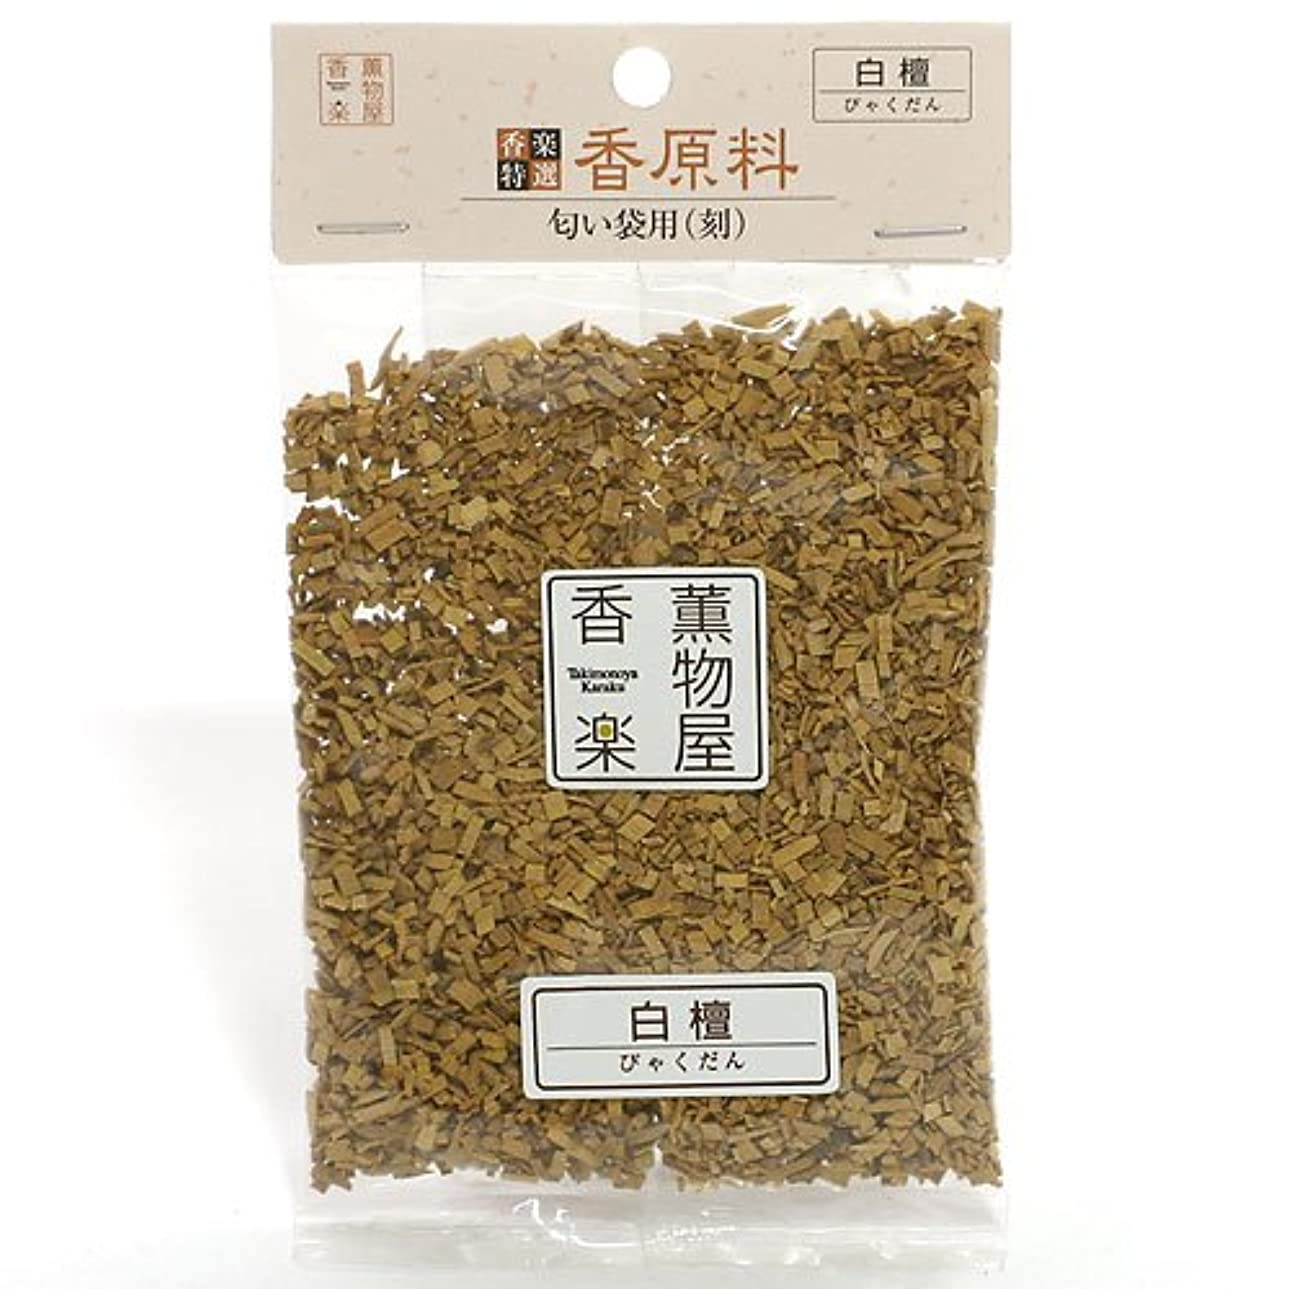 ぴかぴかファンシーほのめかす天然香原料?刻白檀(びゃくだん)